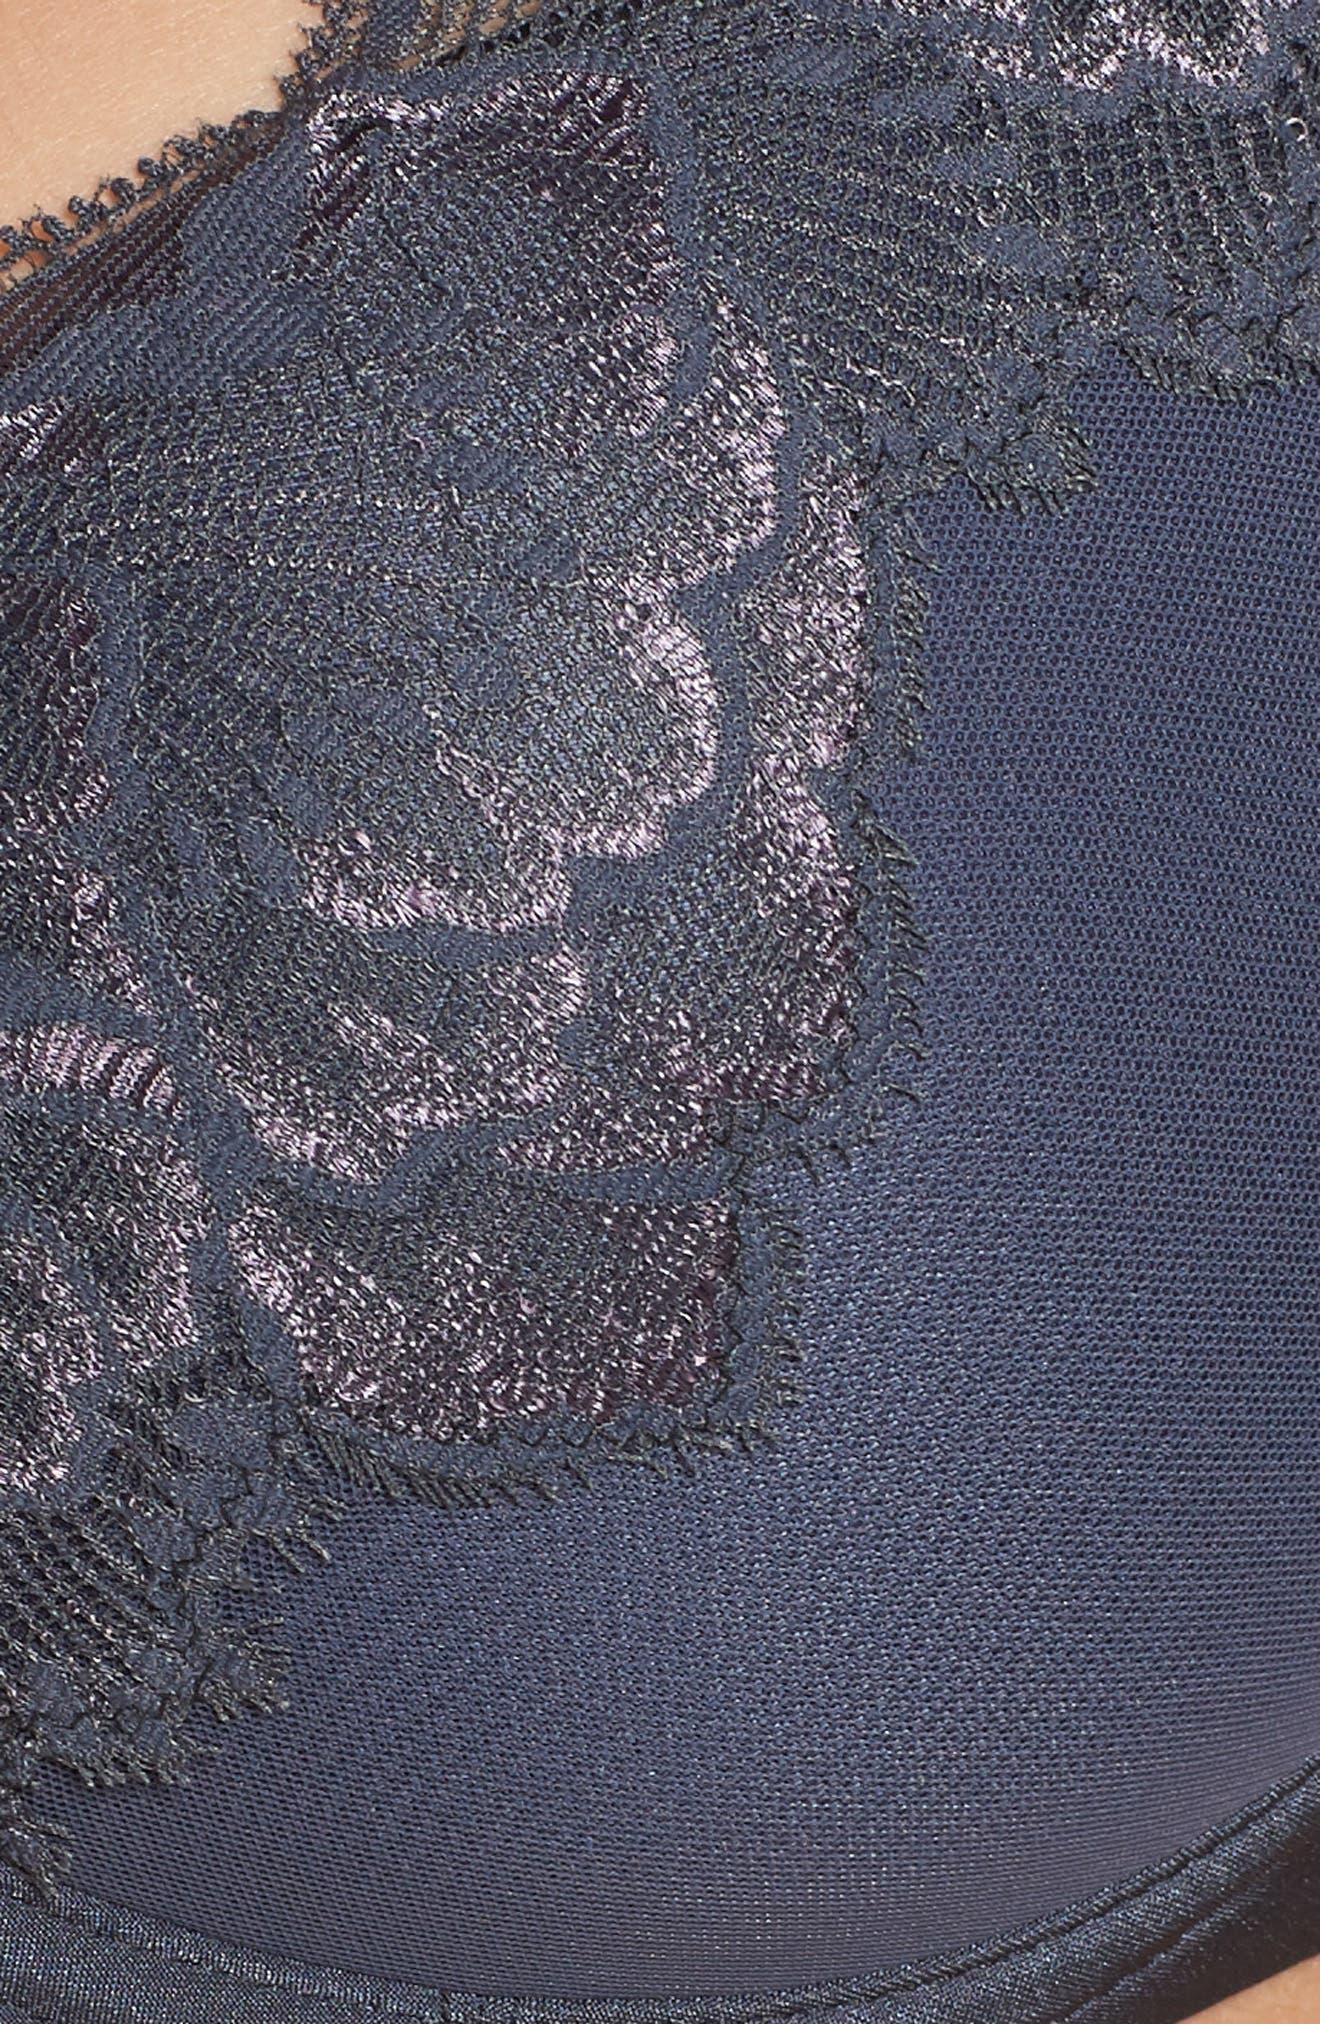 Orangerie Lace Underwire Plunge Bra,                             Alternate thumbnail 5, color,                             Mist Grey